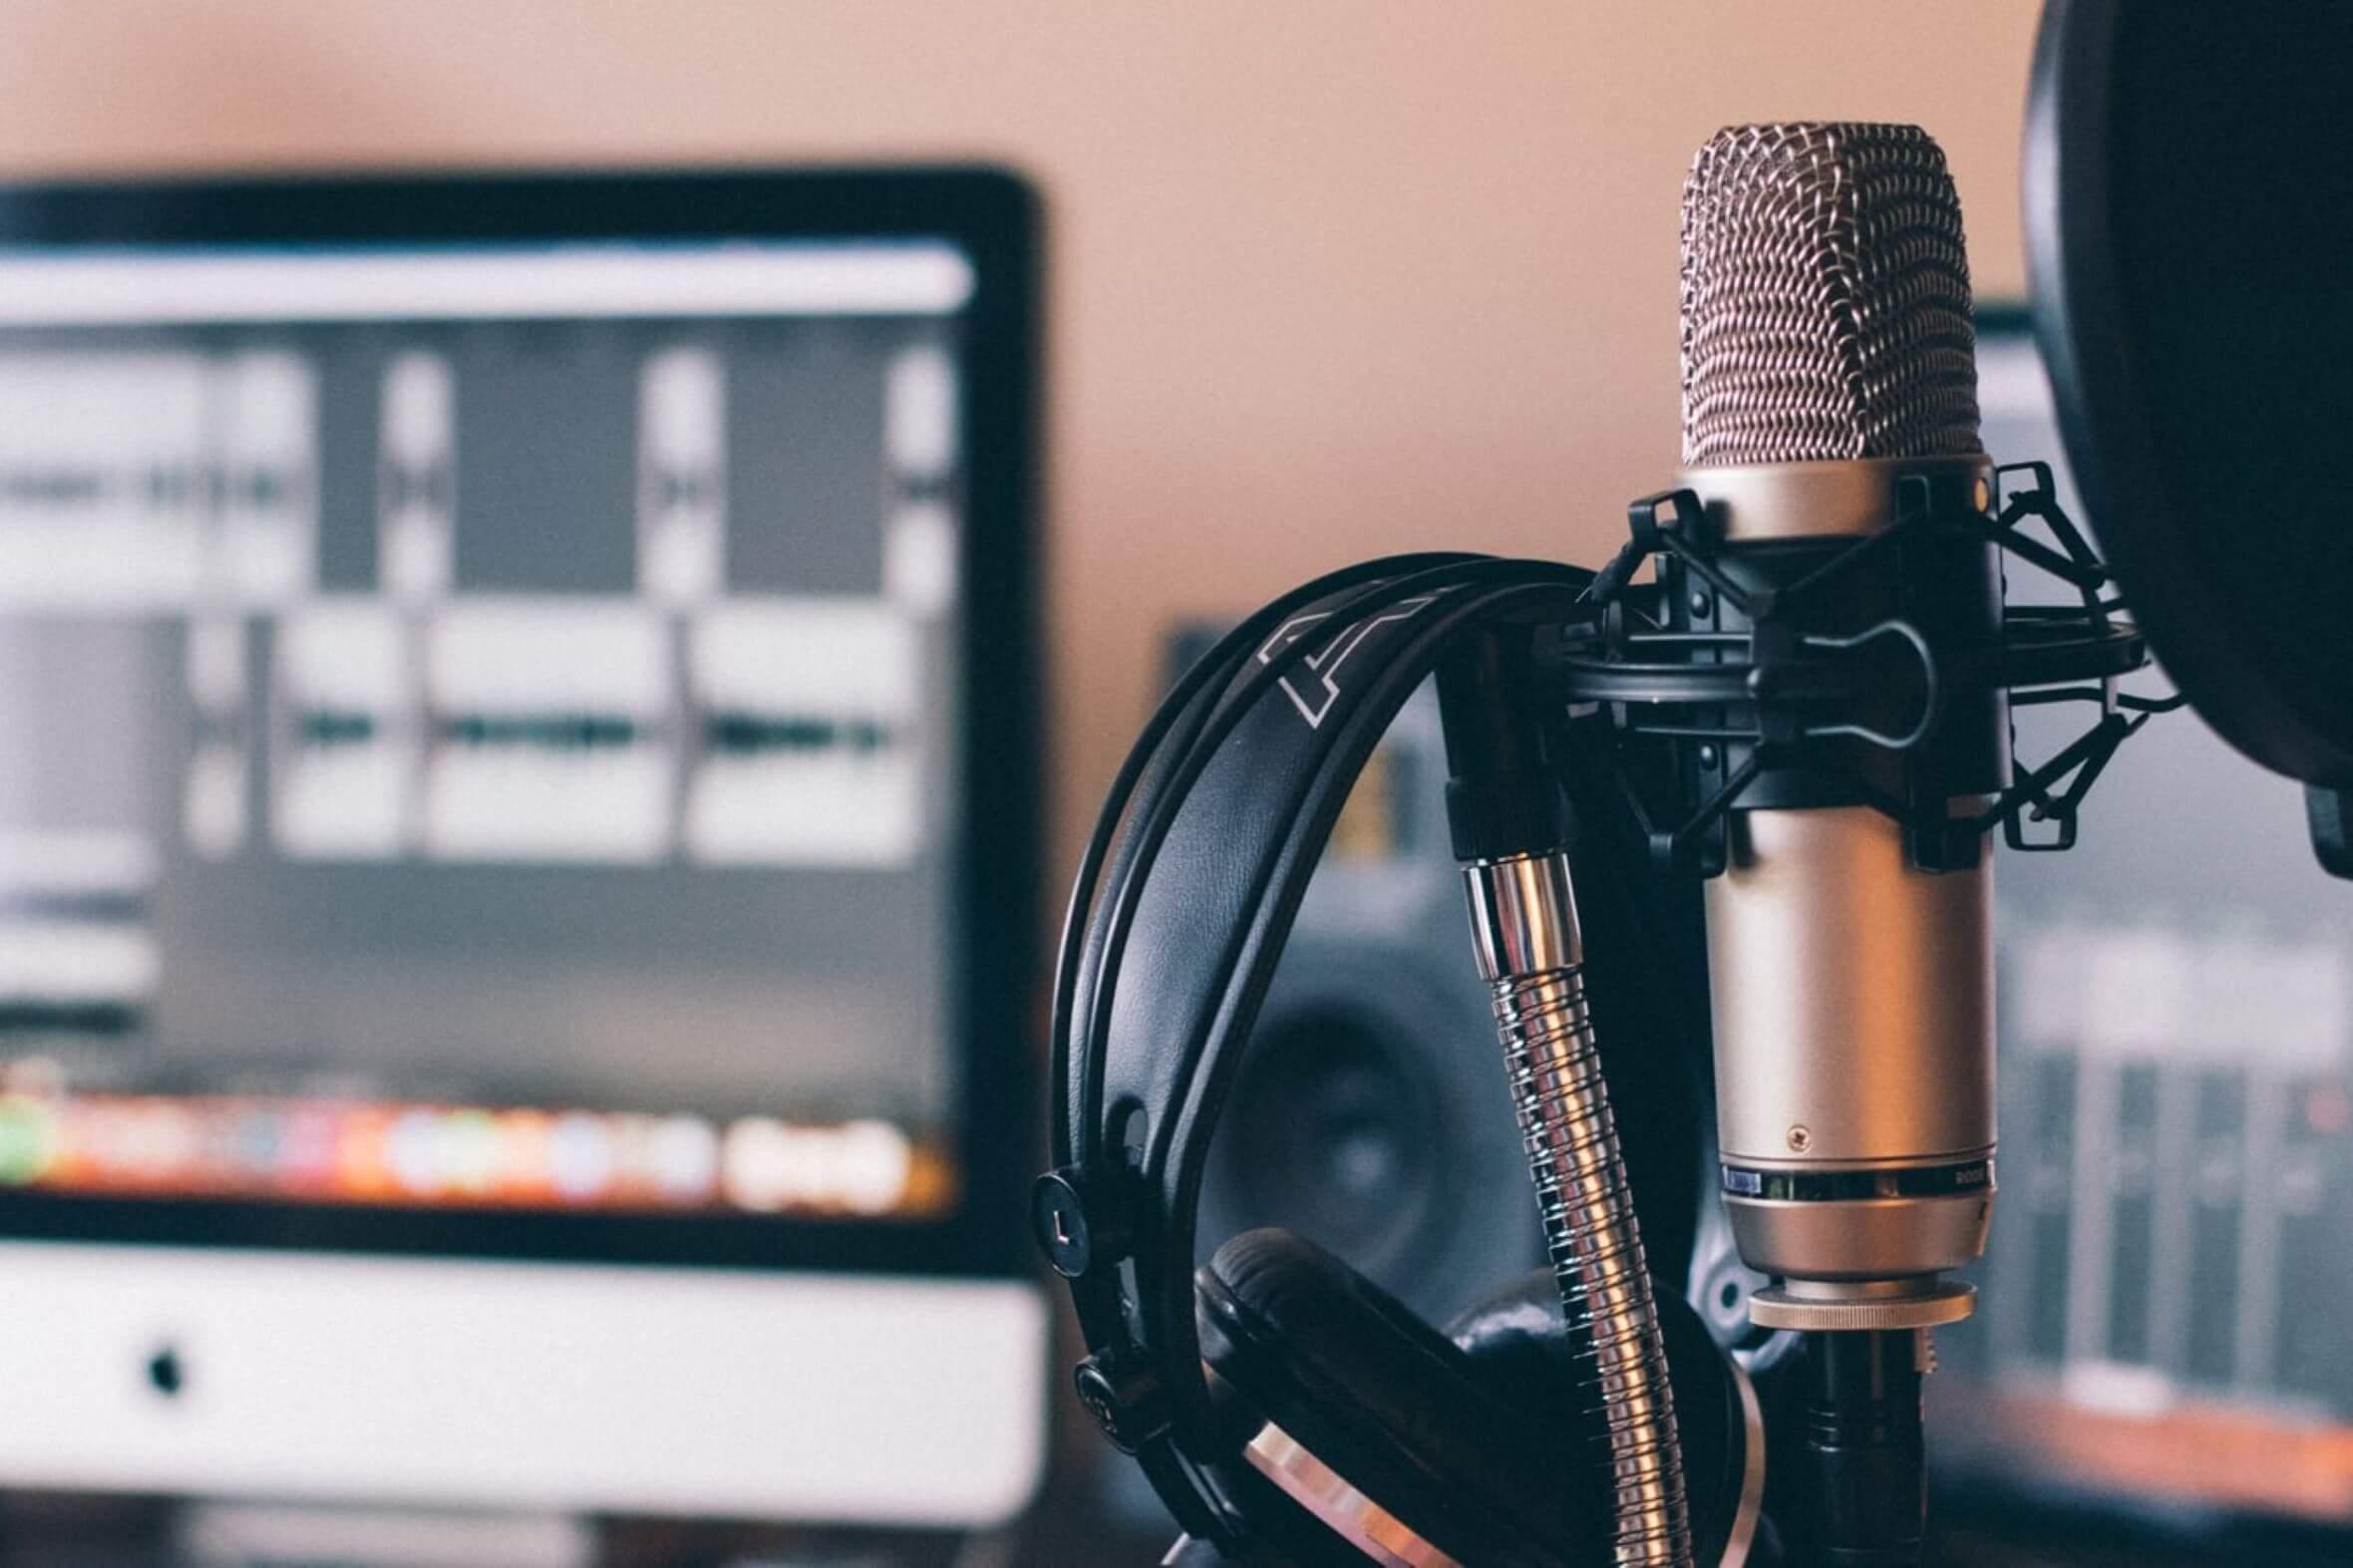 Le podcast, une opportunité pour les marques ?